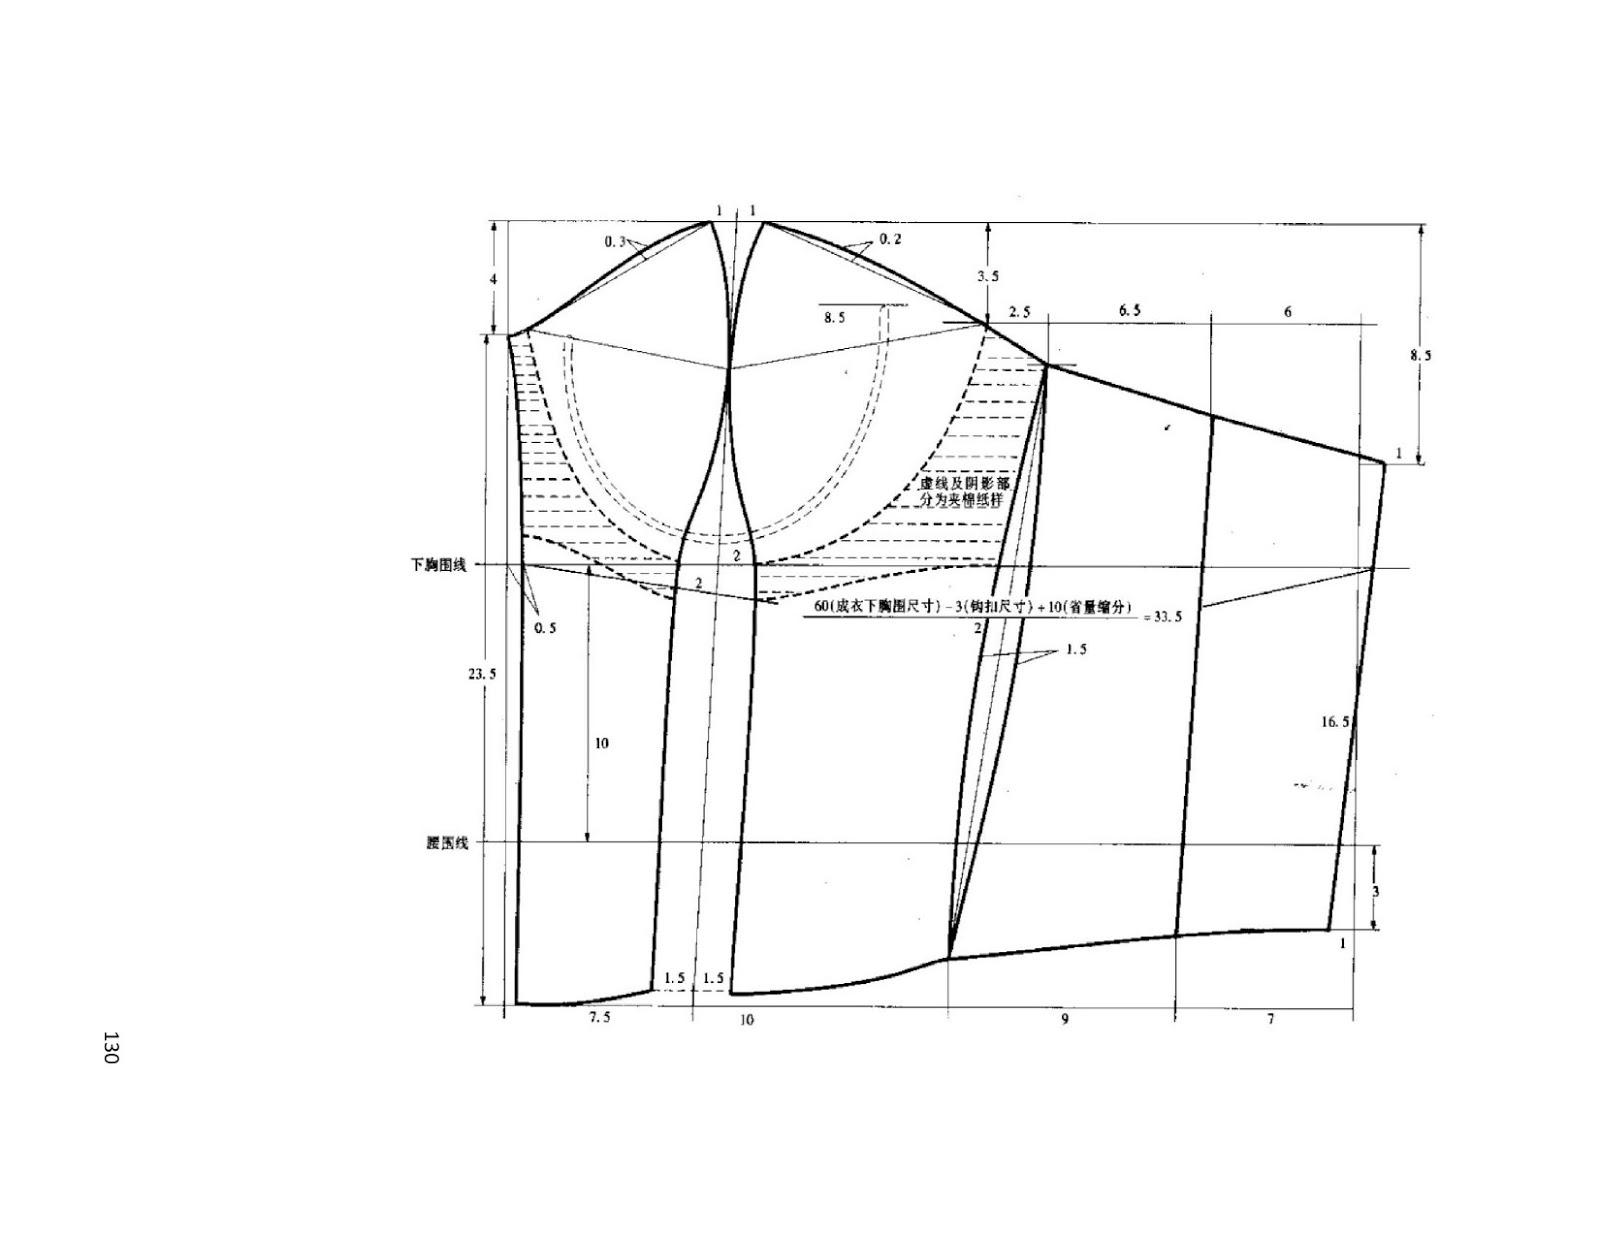 #Шьем_нижнее_белье: чертежи конструкций бюстье